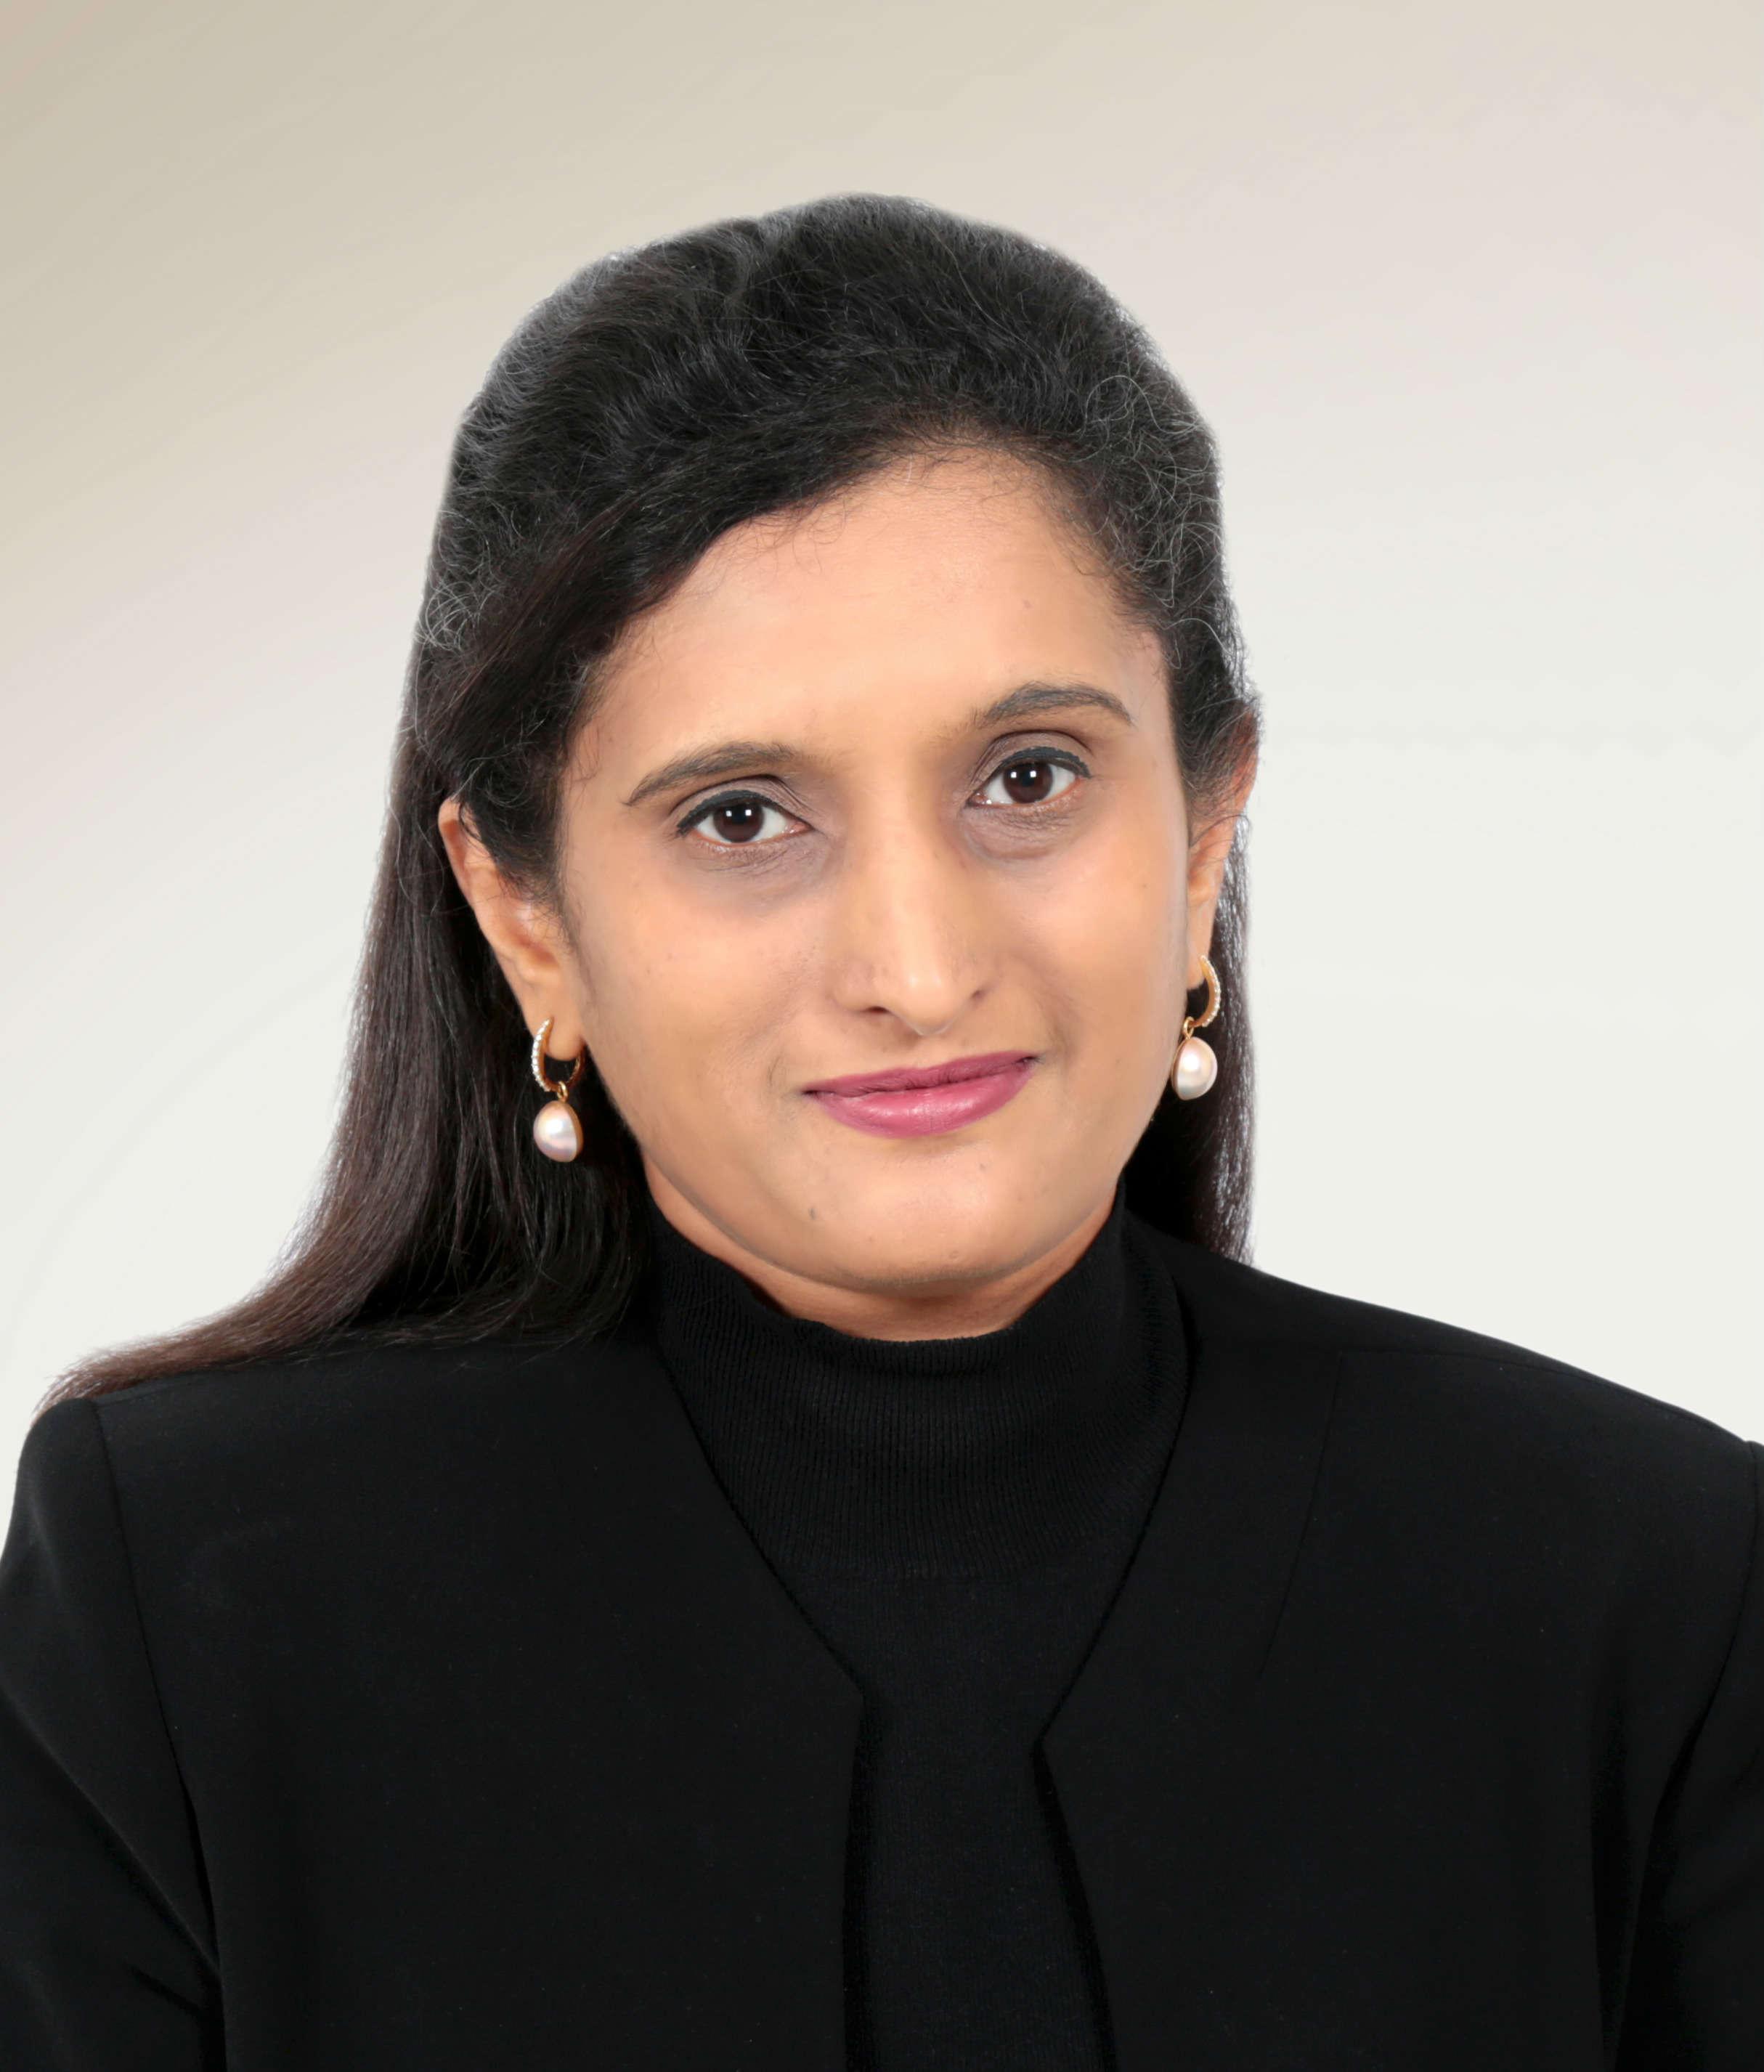 Cytecare Announces The Appointment Of Dr Mythri Shankar As Senior Consultant Nuclear Medicine Health News Et Healthworld